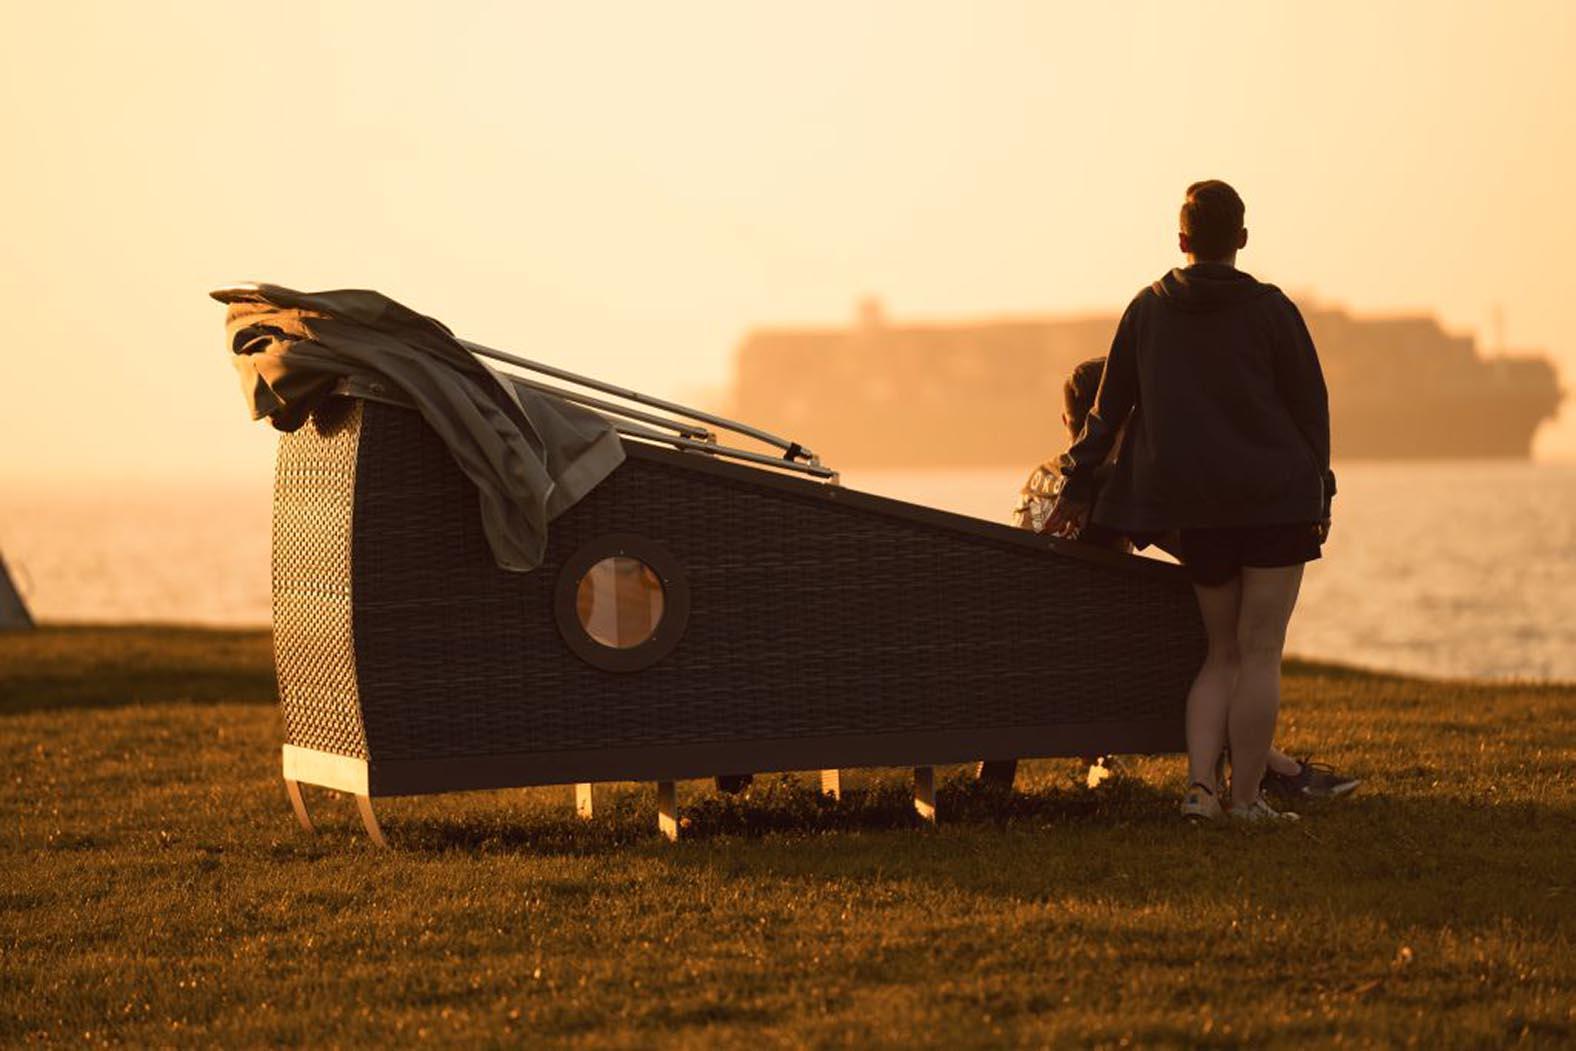 Das kleinste Ferienhaus in Niedersachsen: Schlafen im Schlafstrandkorb